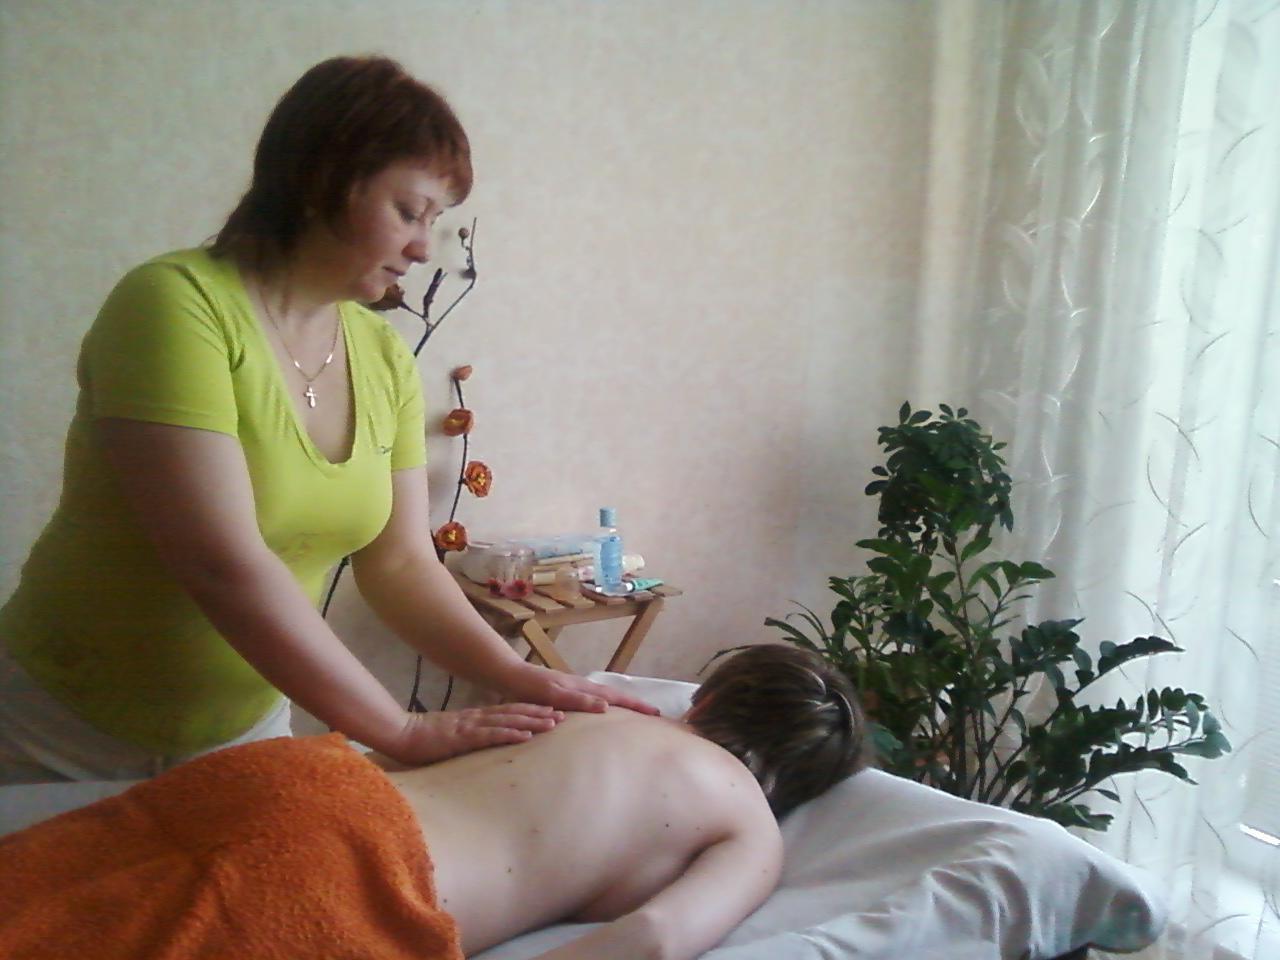 eroticheskiy-massazh-balashiha-chastnie-obyavleniya